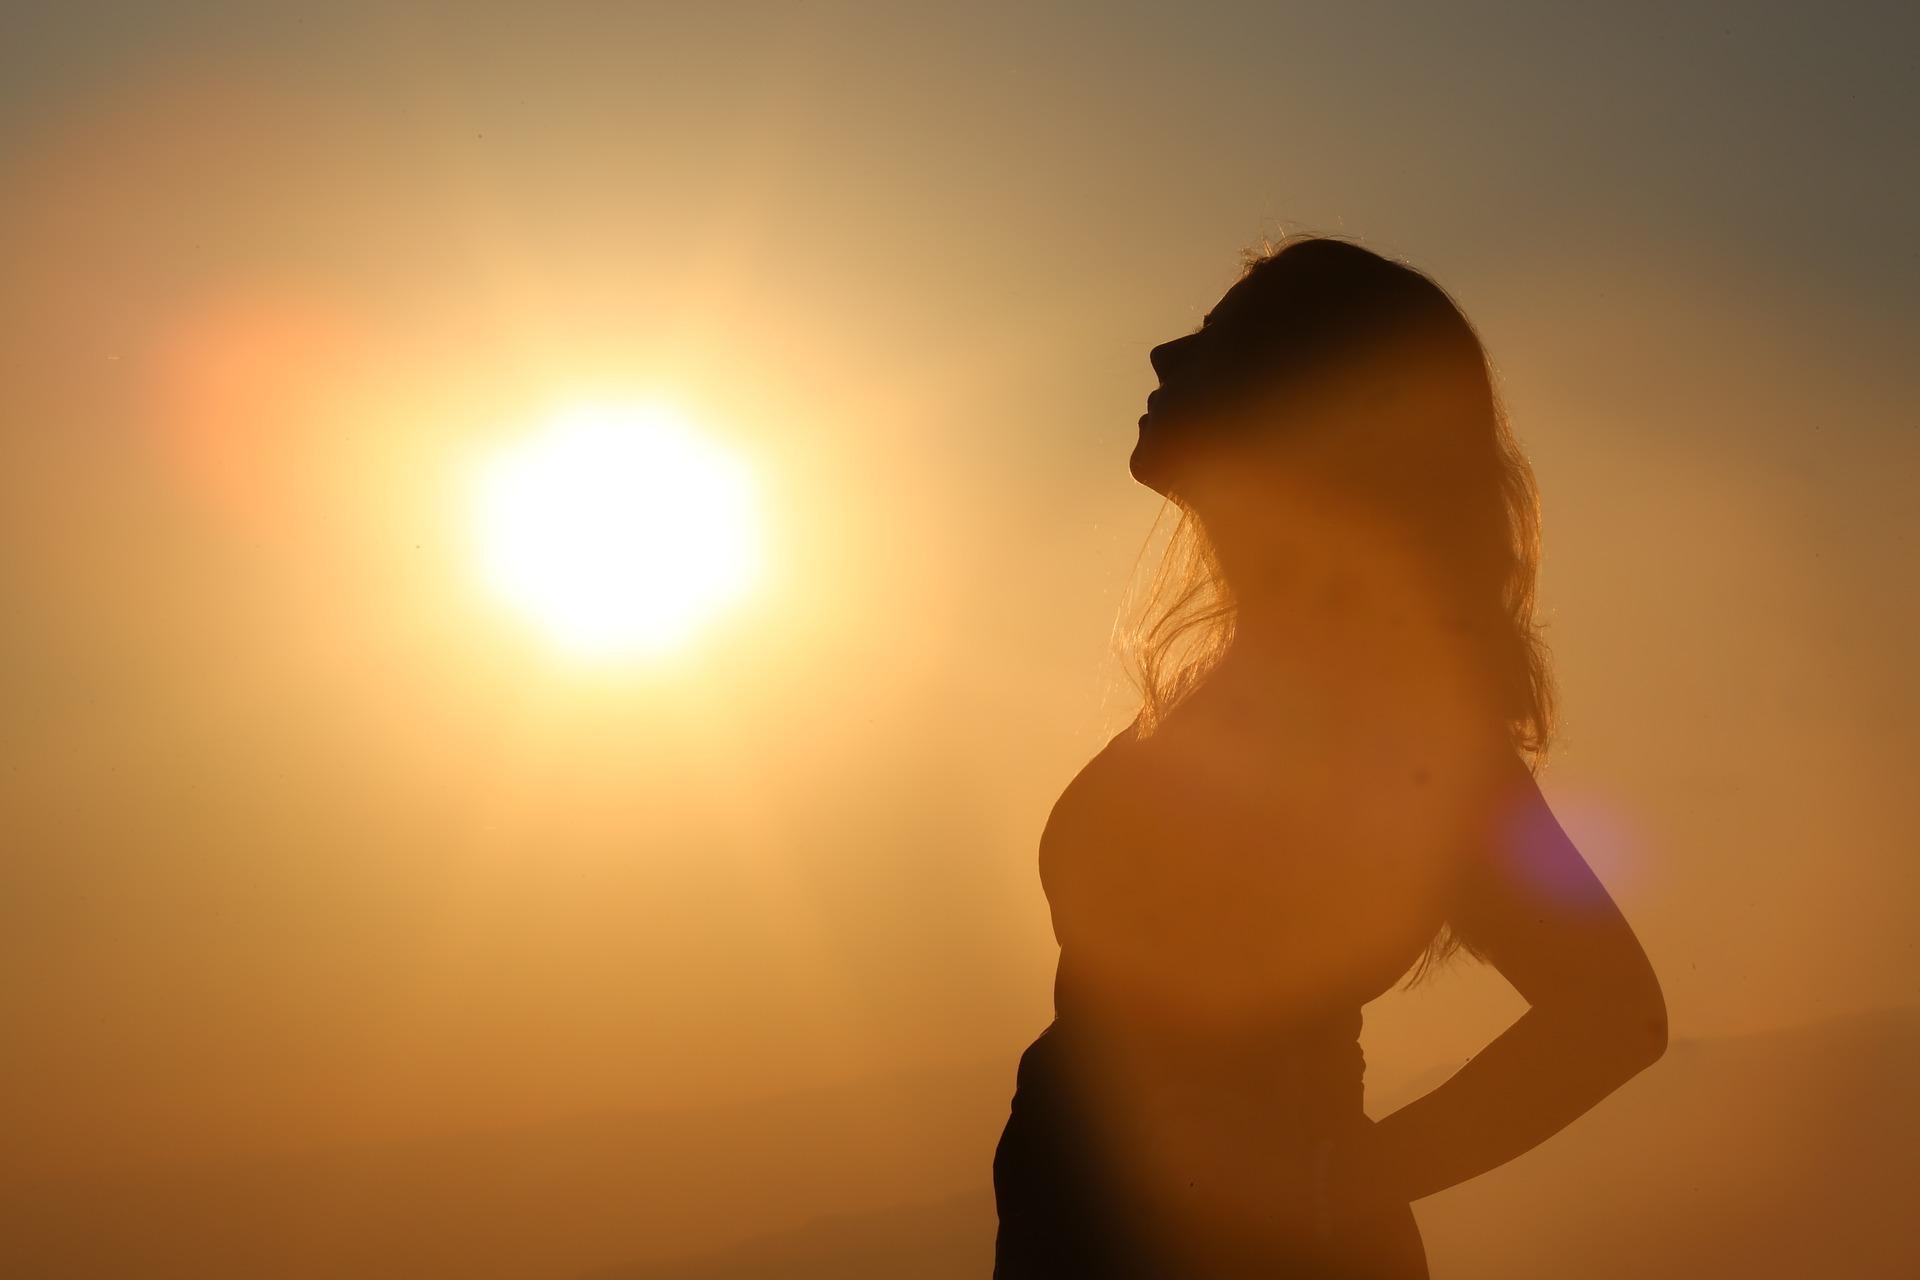 Women standing - sun